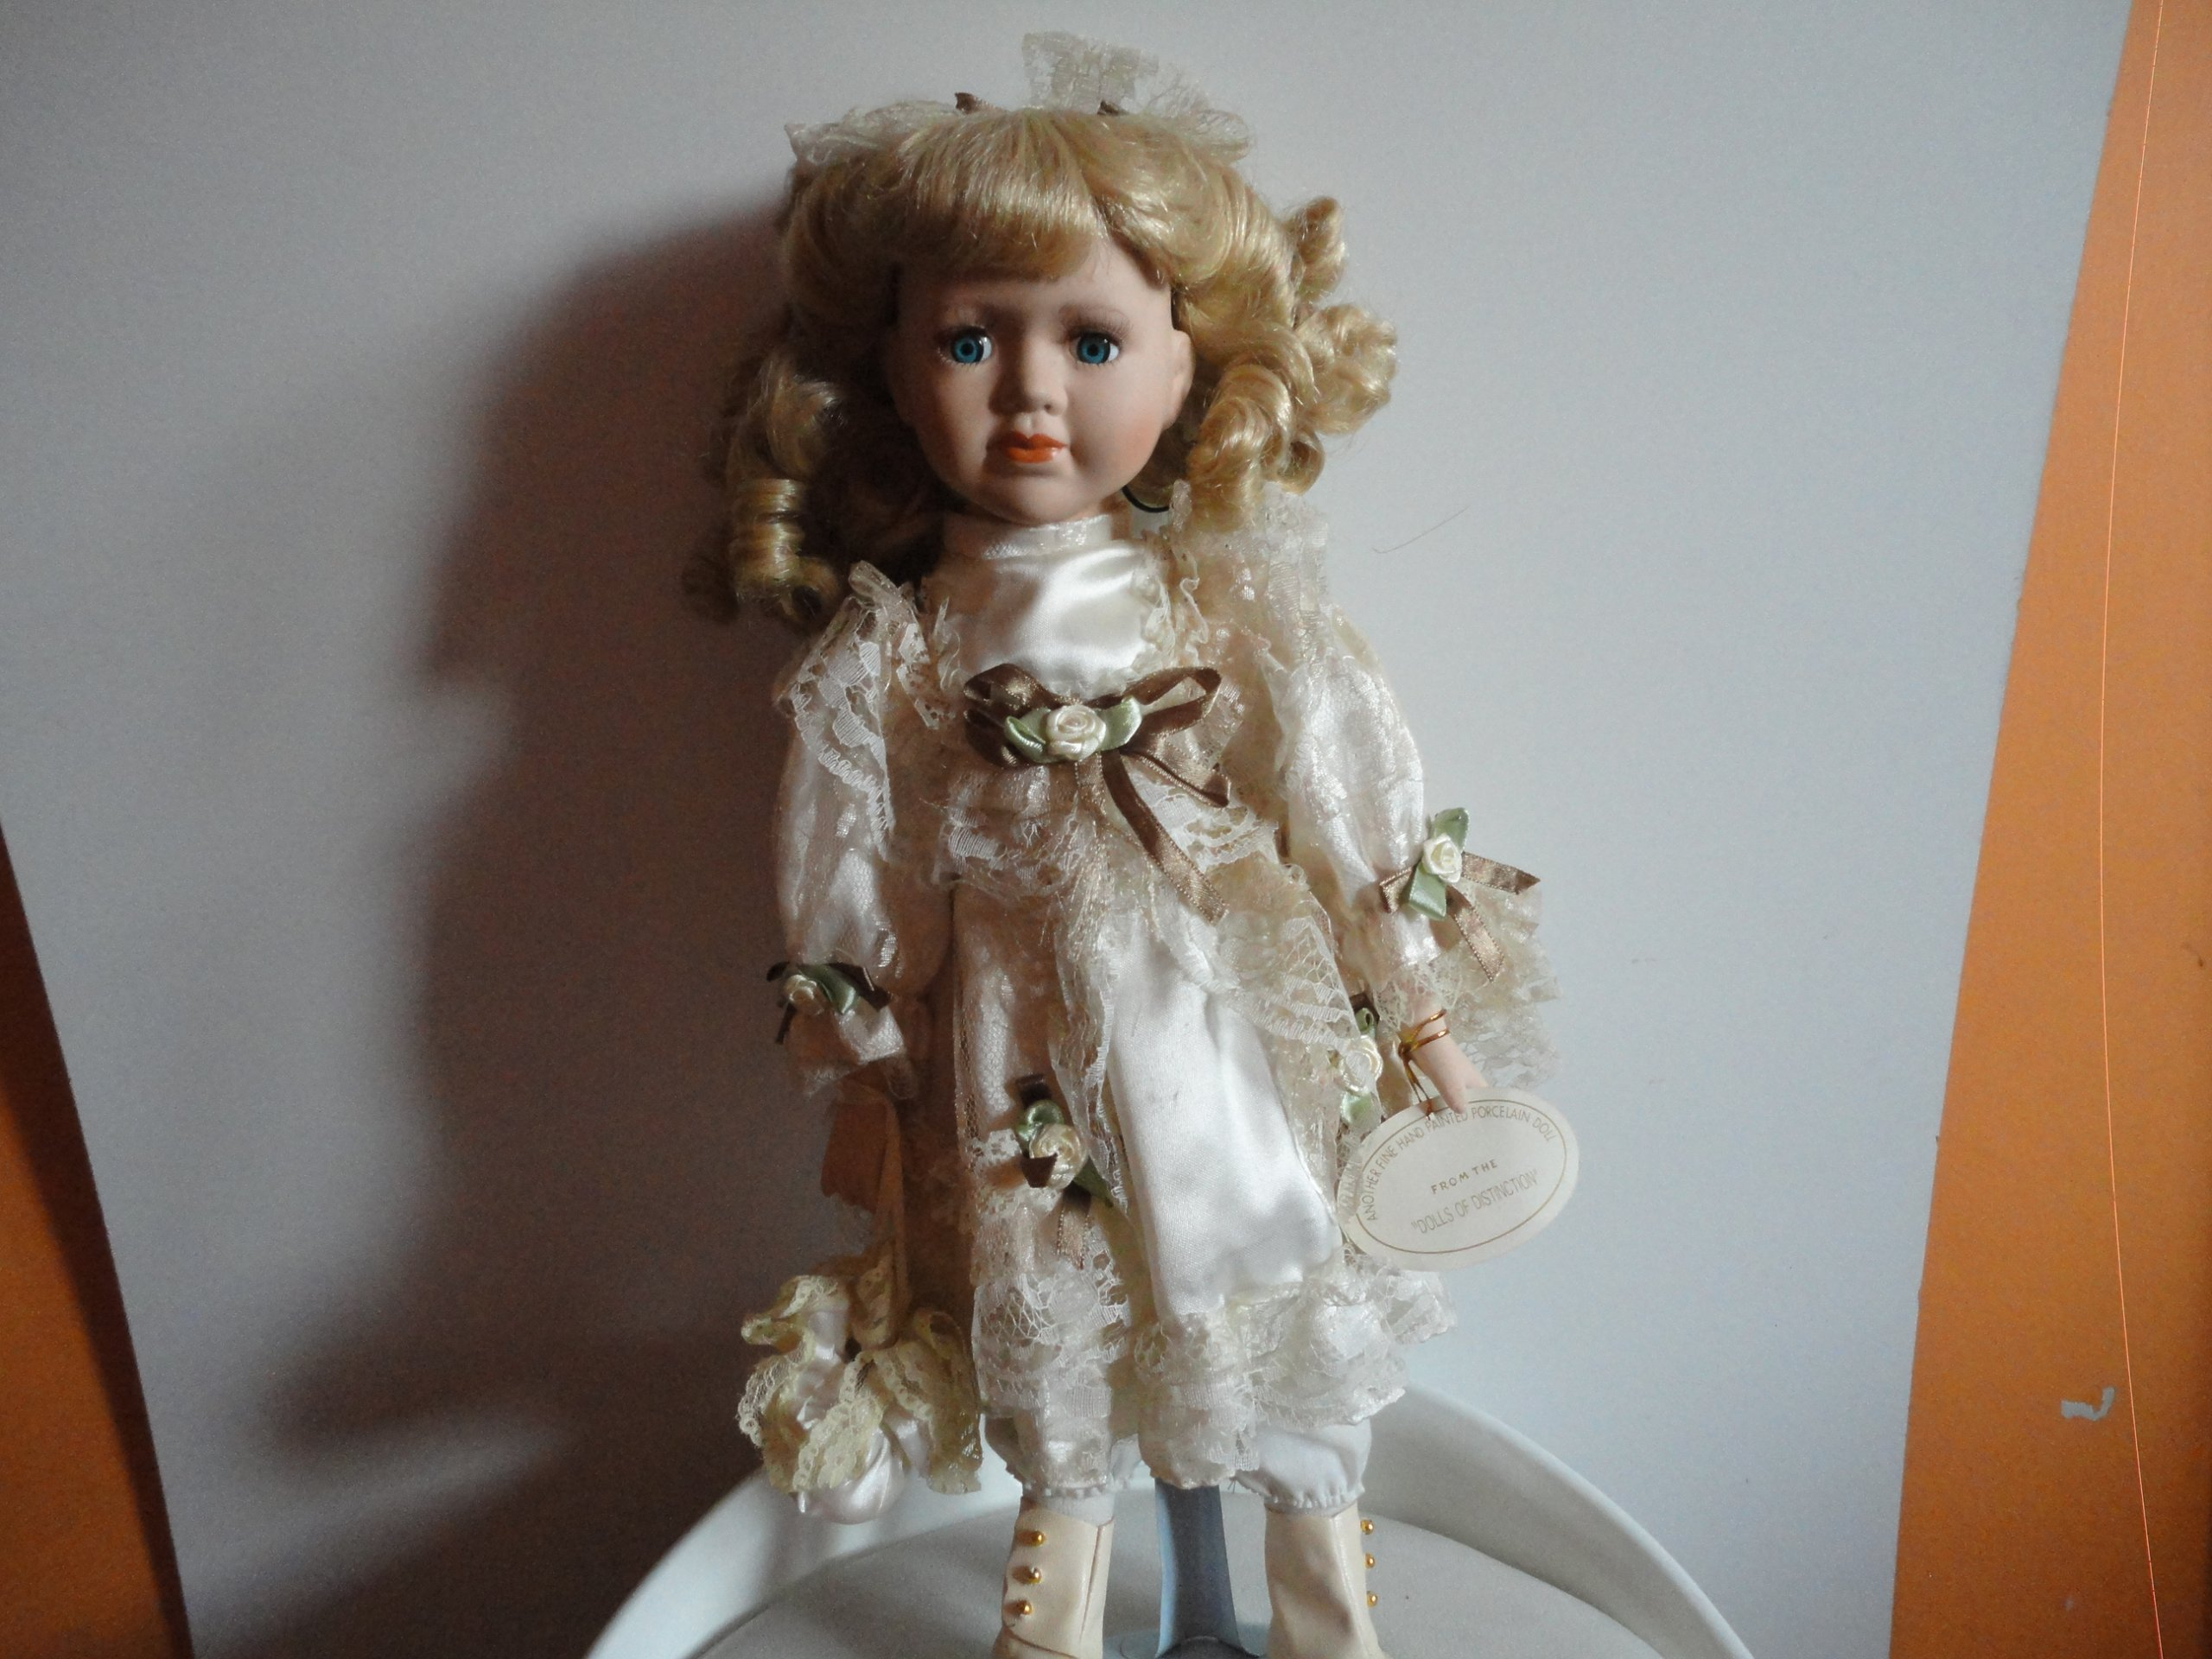 Lalka Z Porcelany Cassie Wys 43cm 7031692610 Oficjalne Archiwum Allegro